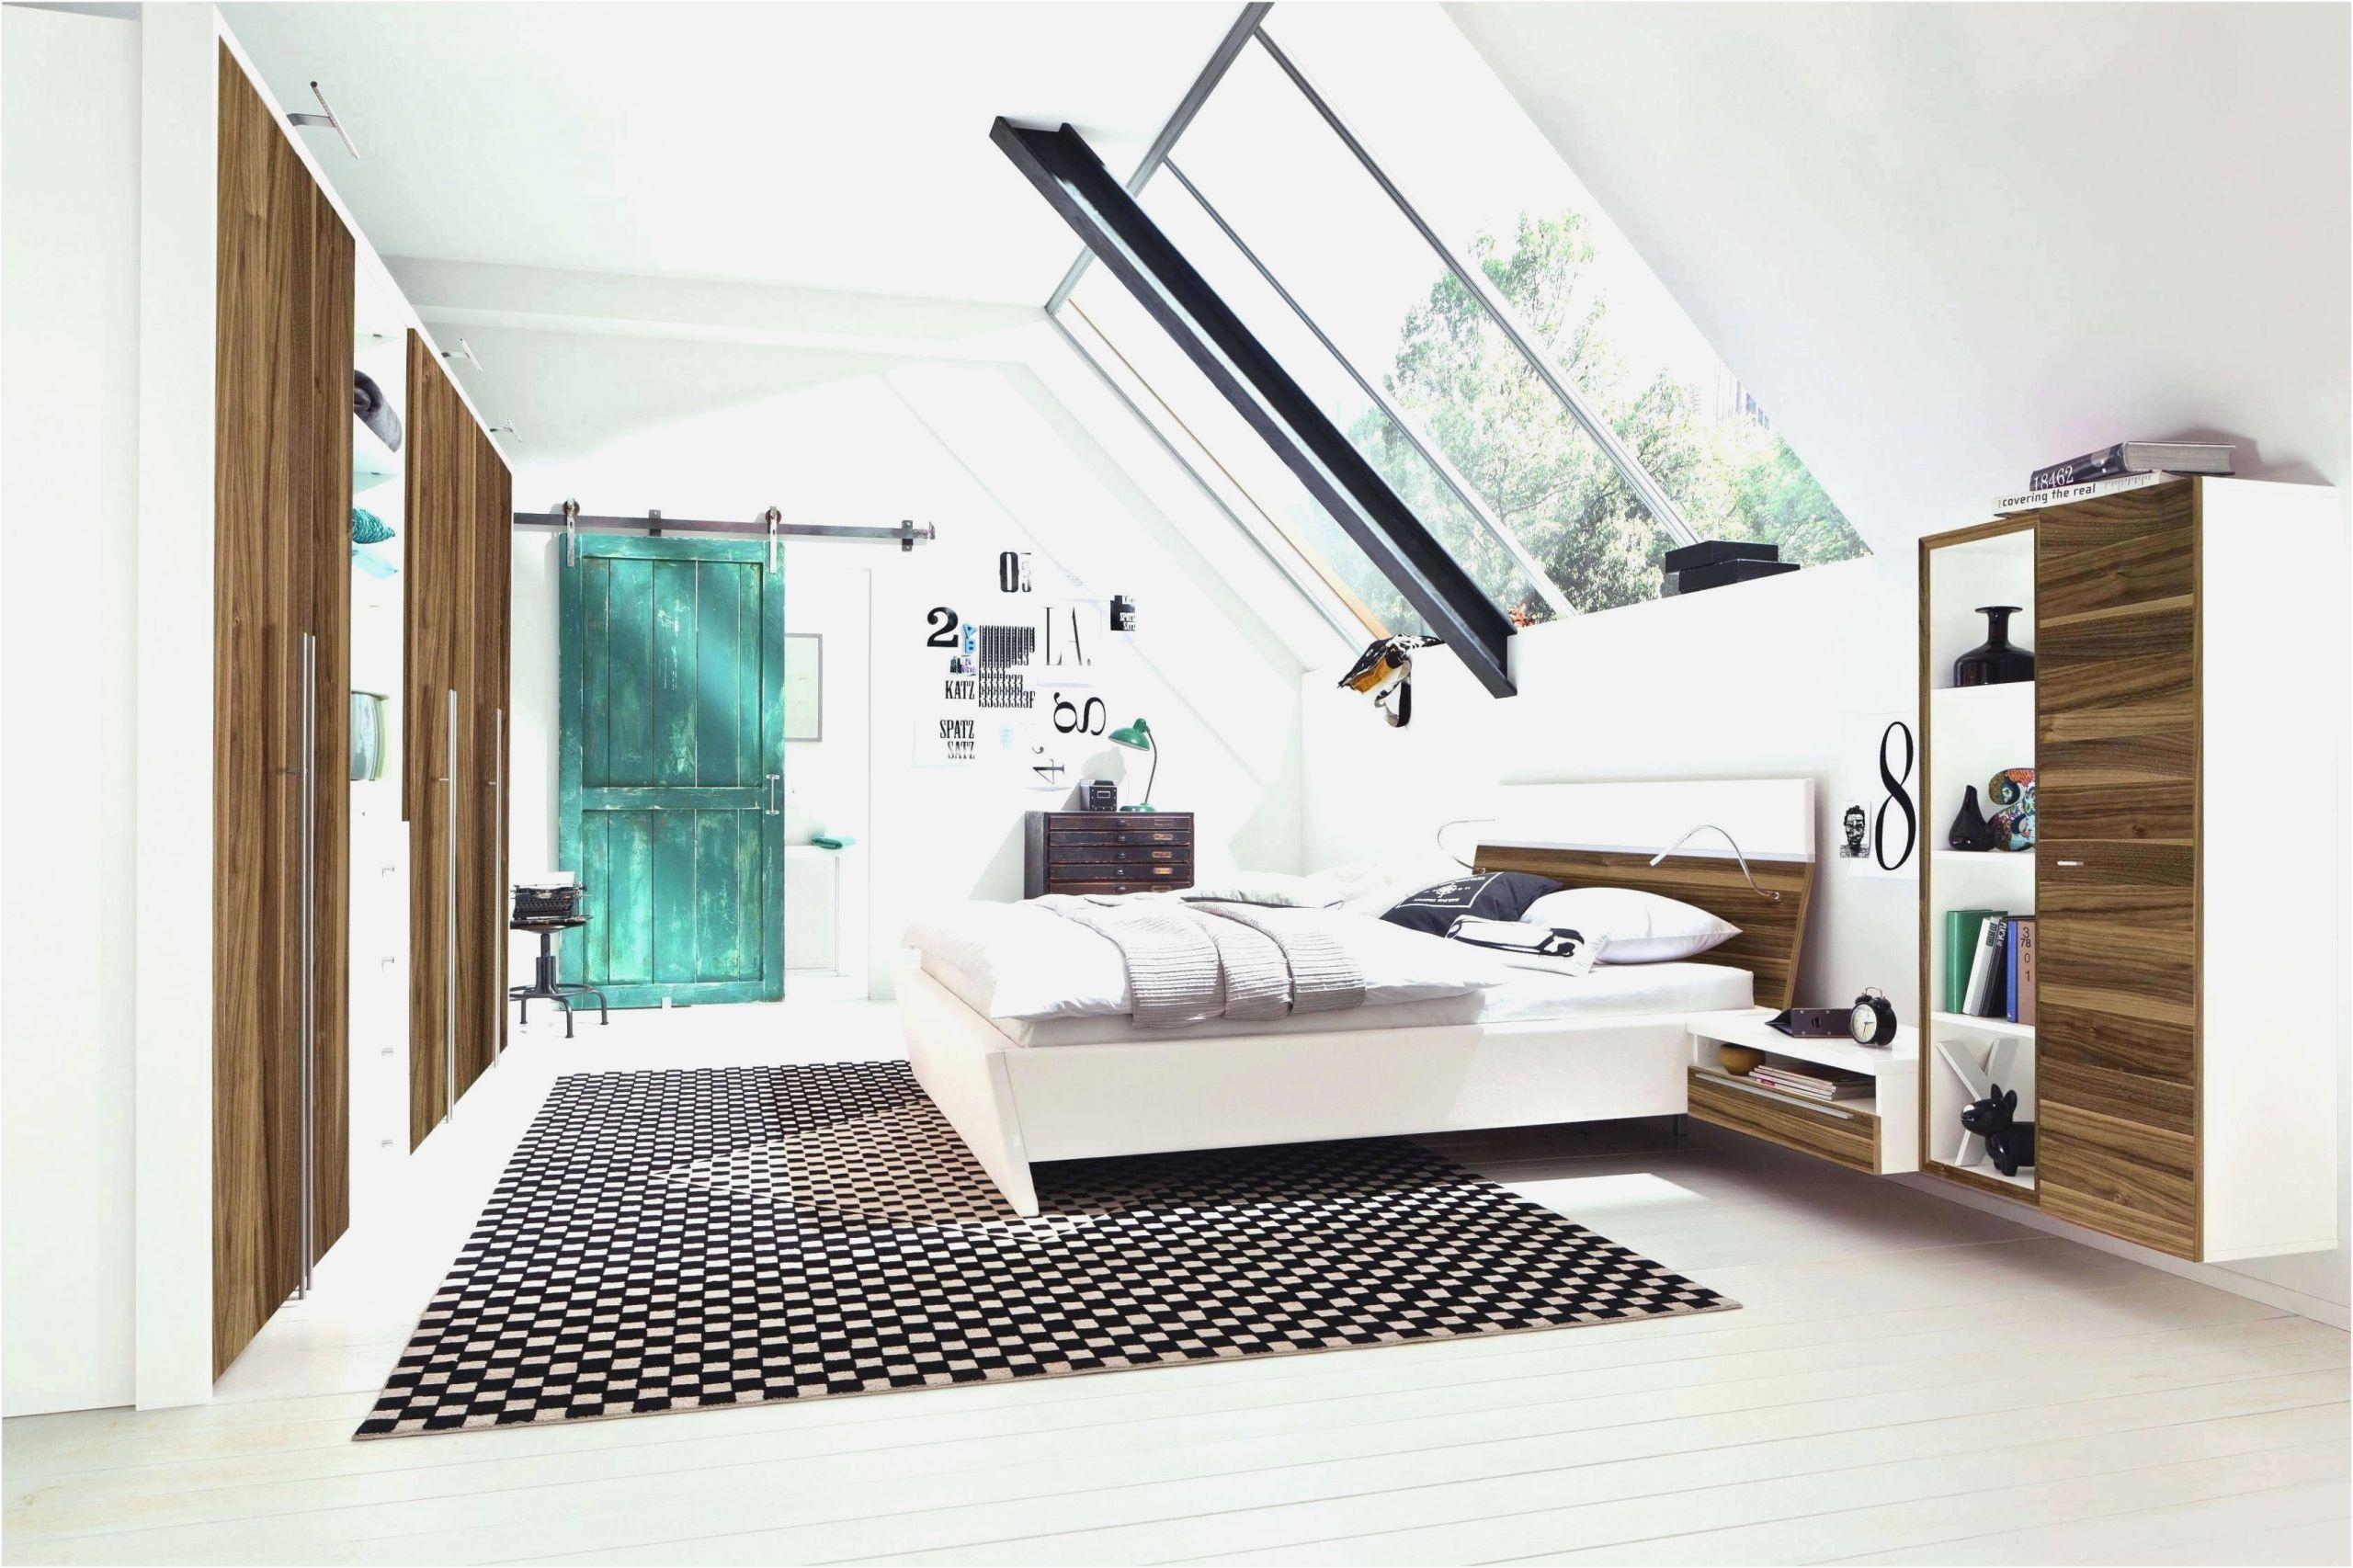 Schlafzimmer Ideen Modern Grau Schlafzimmer Einrichten Ideen Grau Schlafzimmer